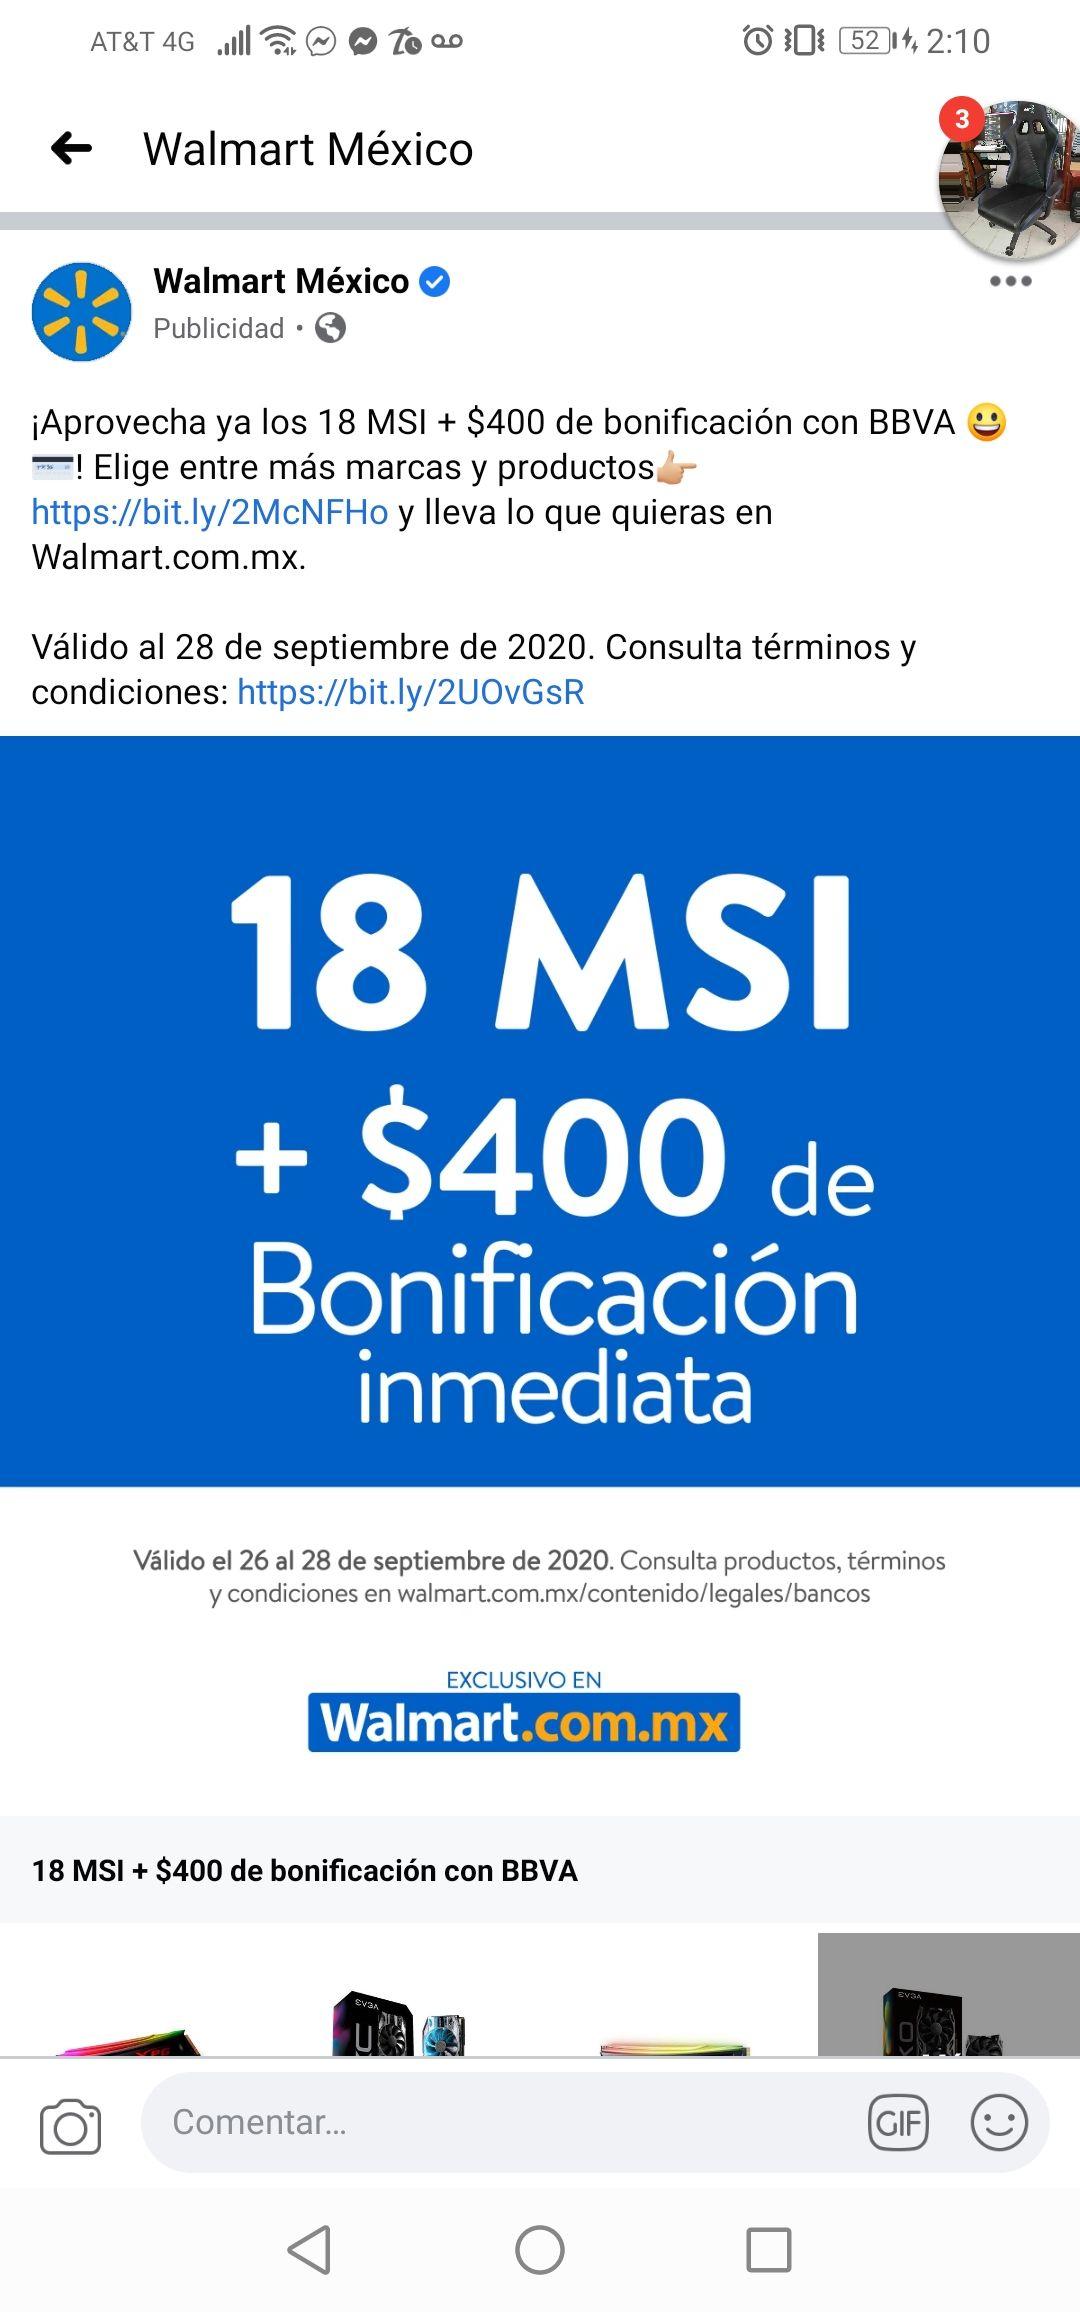 Bonificacion inmediata de $400 con crédito bbva en Walmart * compra minima 4000*